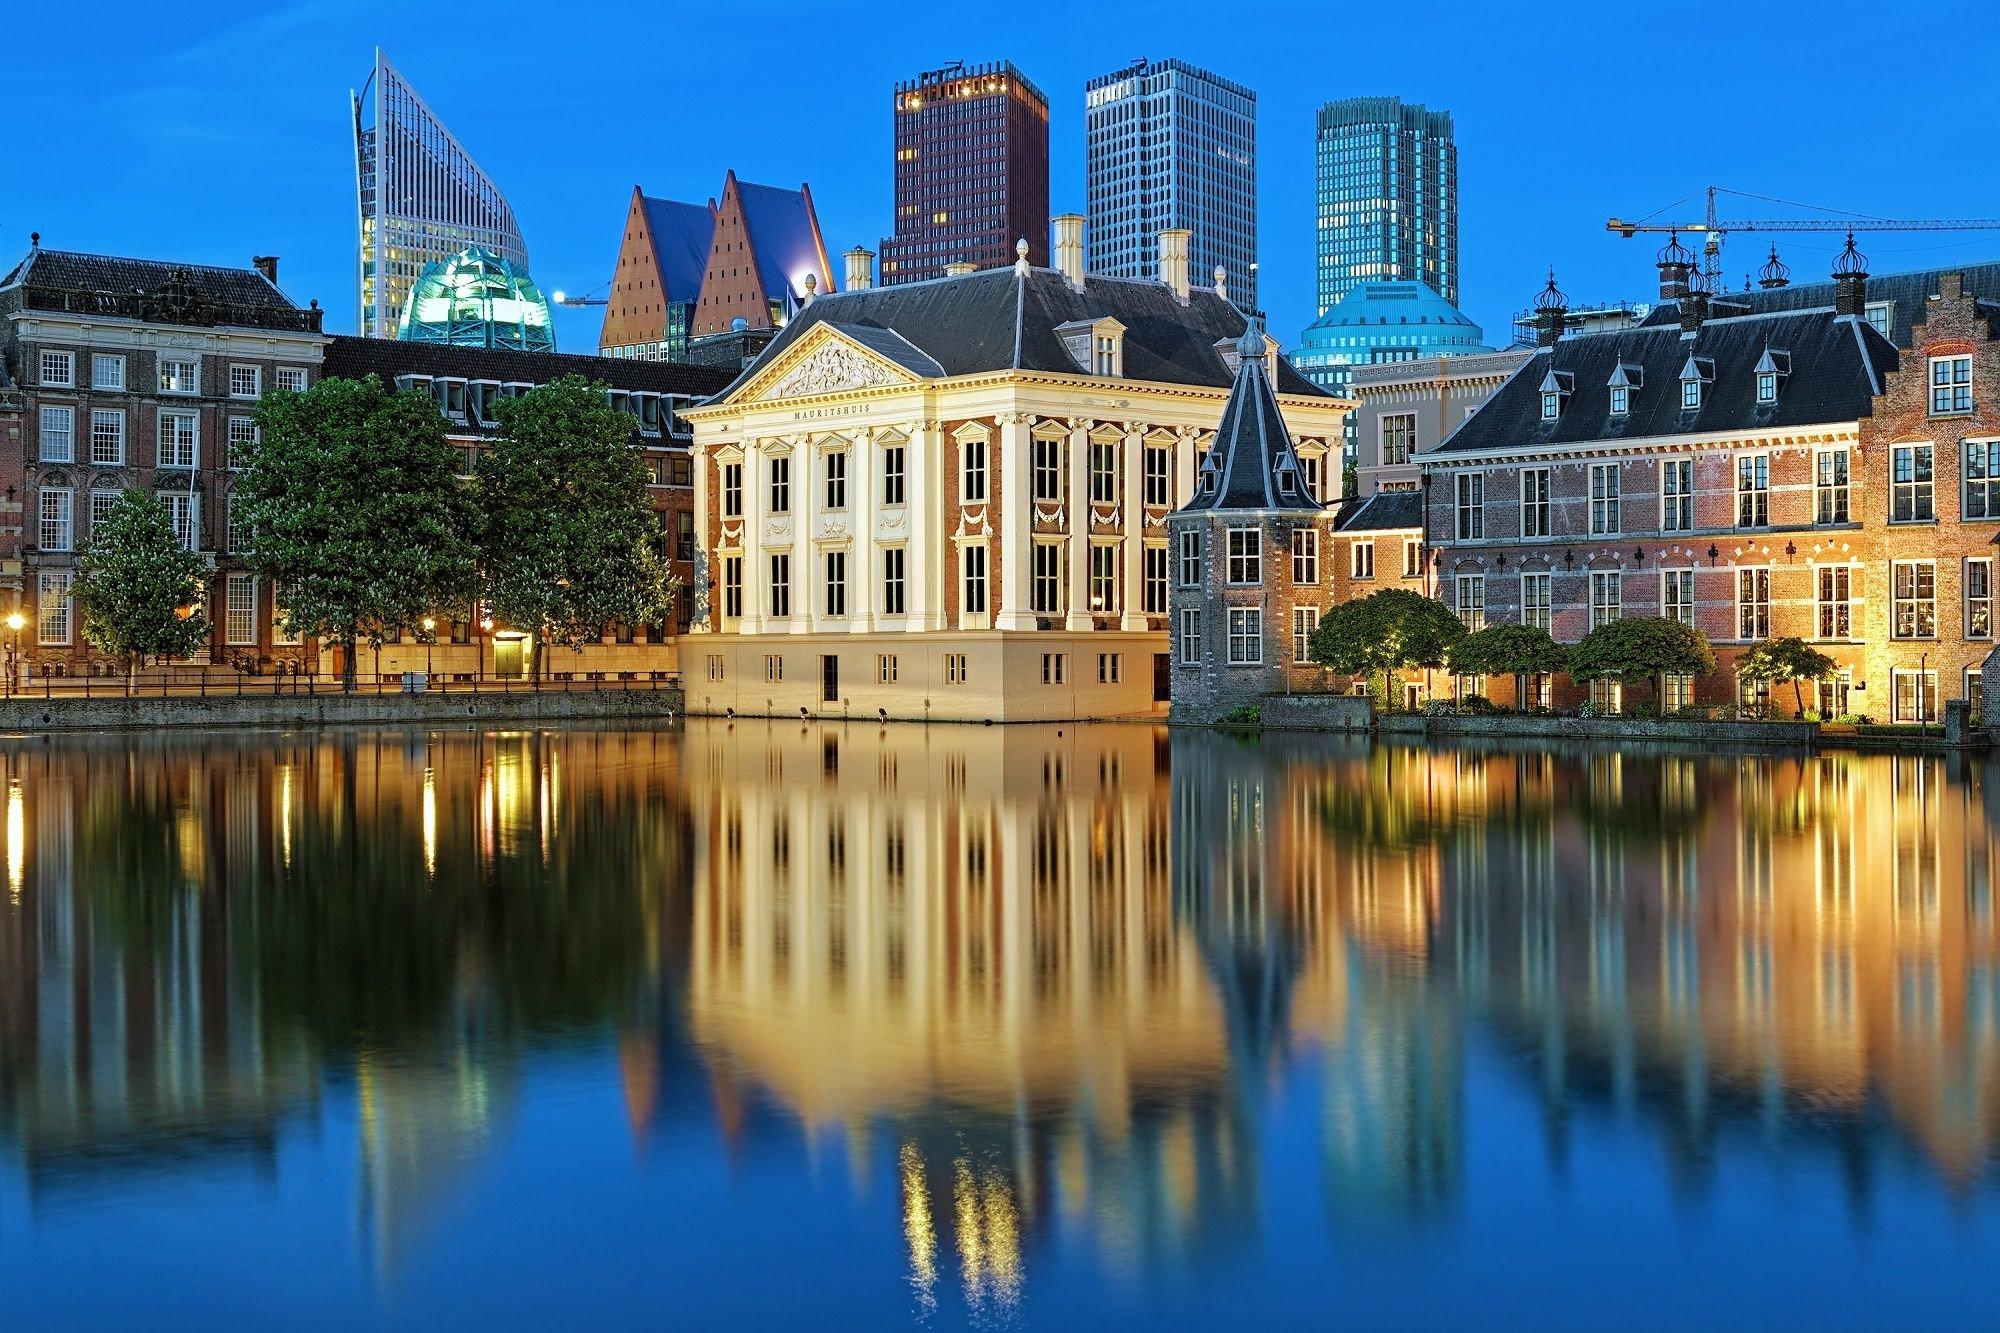 Dagaanbieding - 3 dagen top beoordeeld hotel in Zoetermeer bij Den Haag en Scheveningen incl. ontbijt en 3-gangendiner dagelijkse koopjes